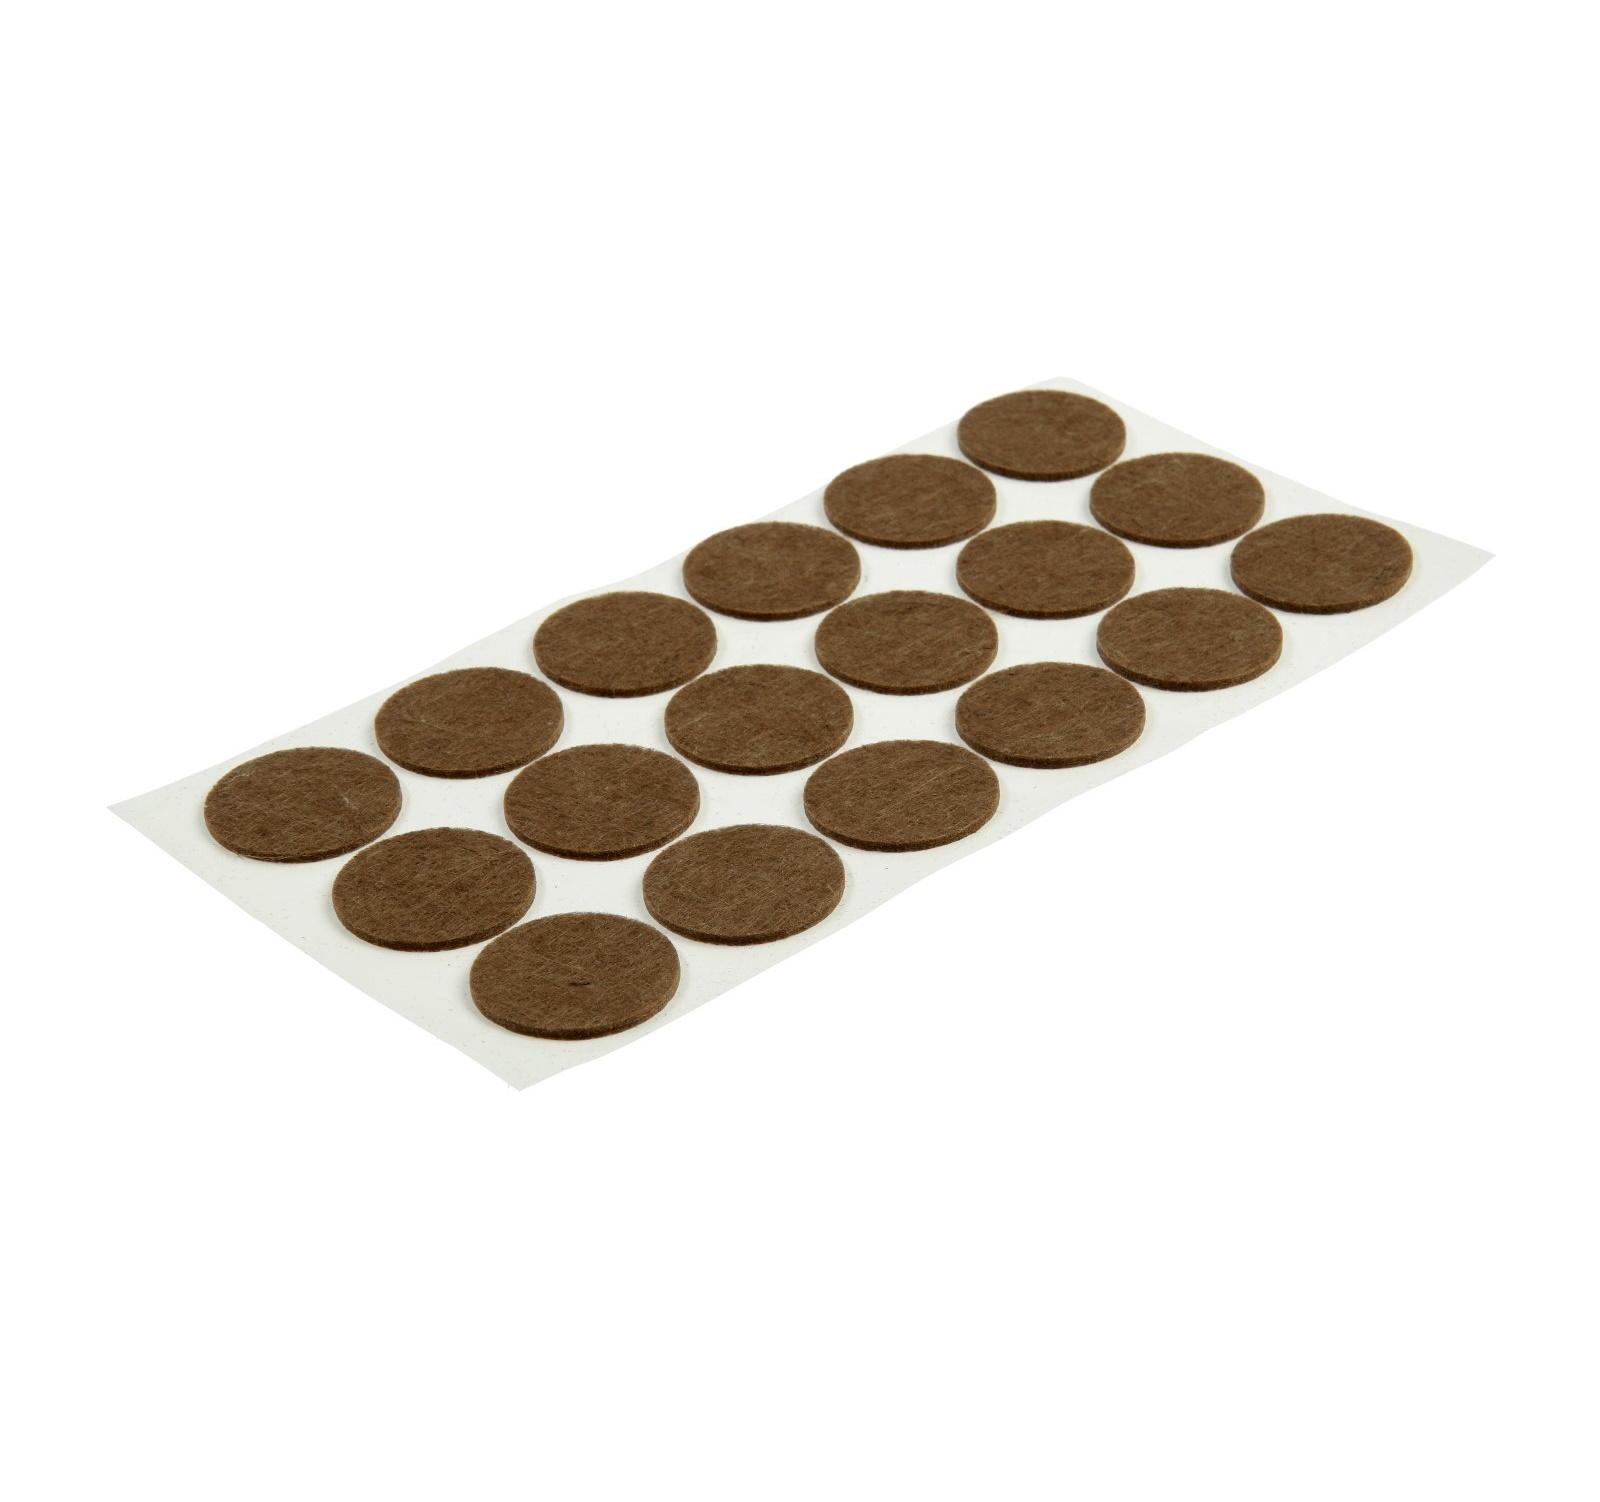 Подпятник войлочный d=35 мм, 18 шт., коричневый.